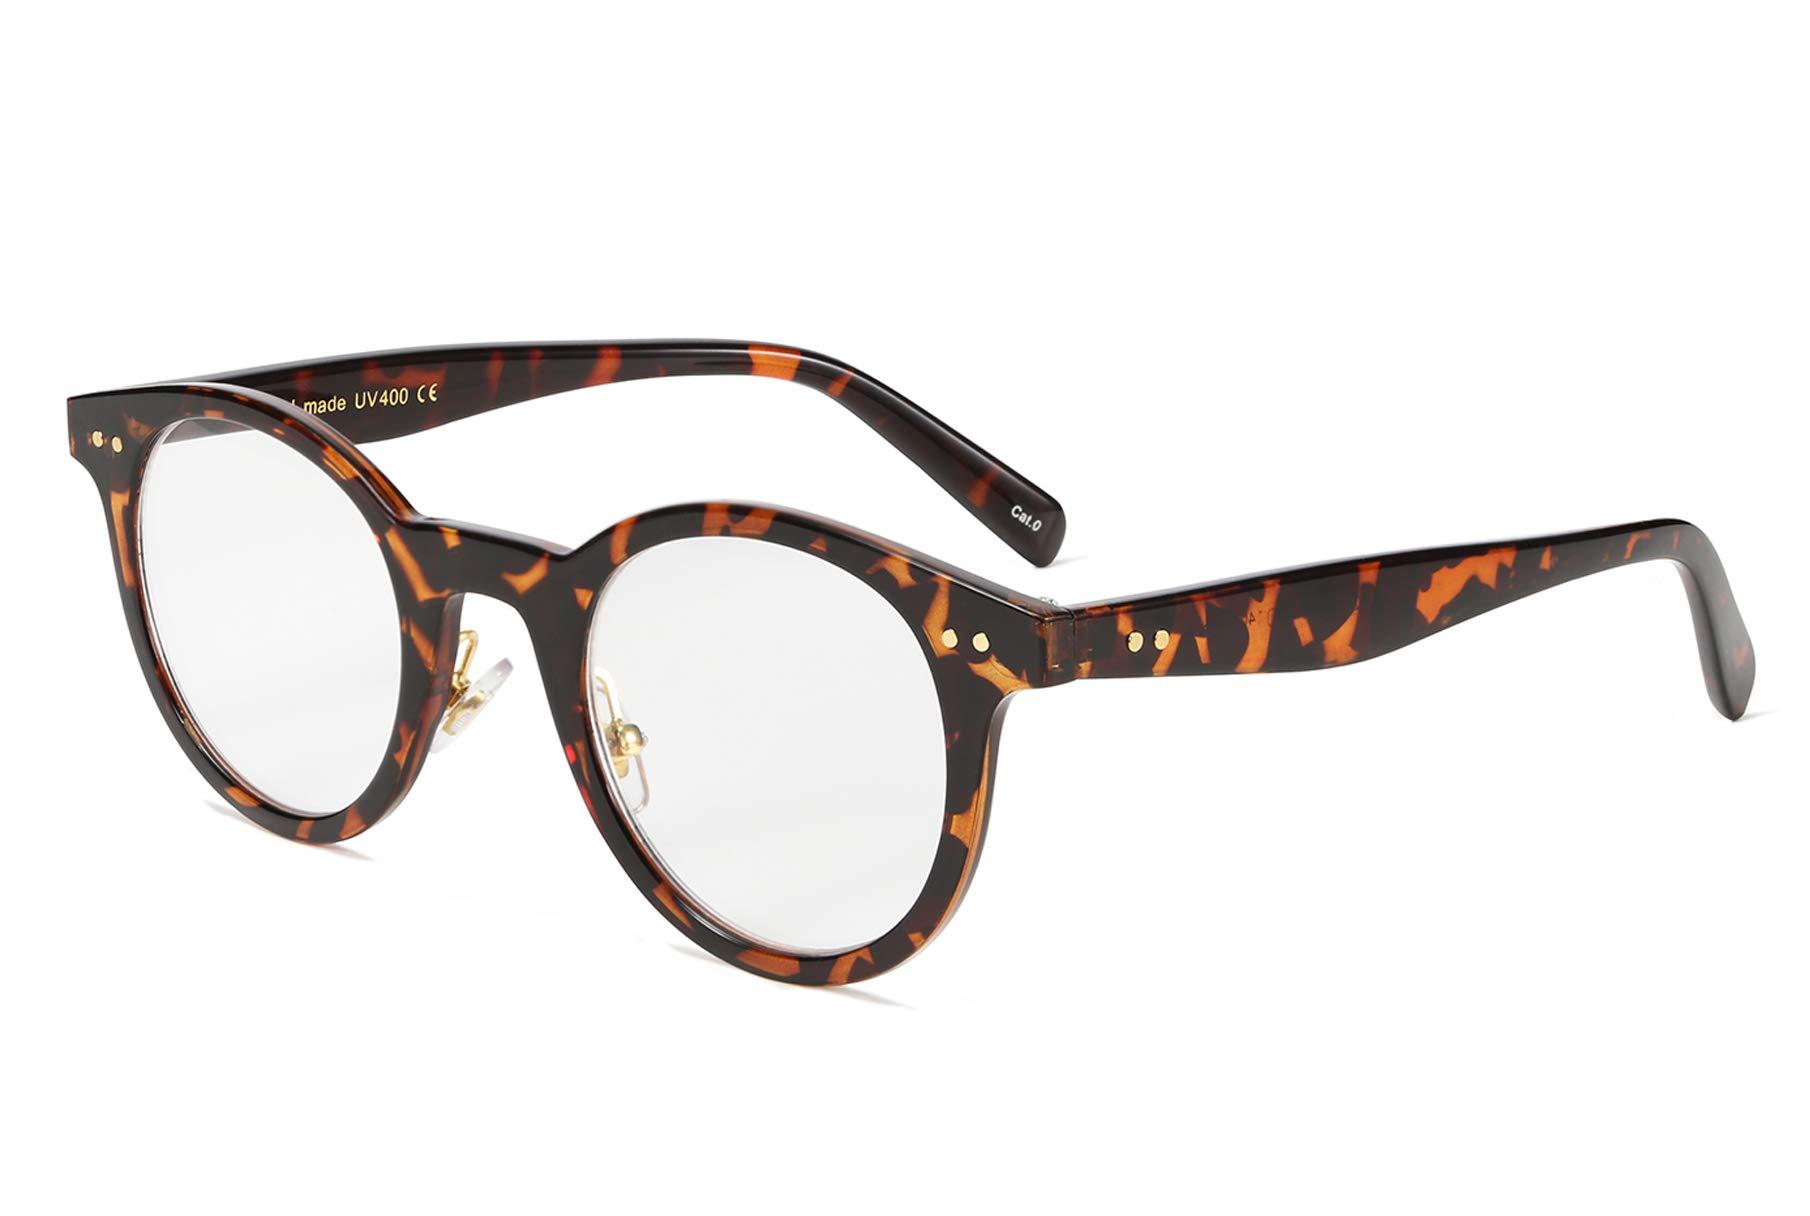 FEISEDY Reading Glasses Standard Fit Full Frame Readers Round Glasses for Men and Women B2478